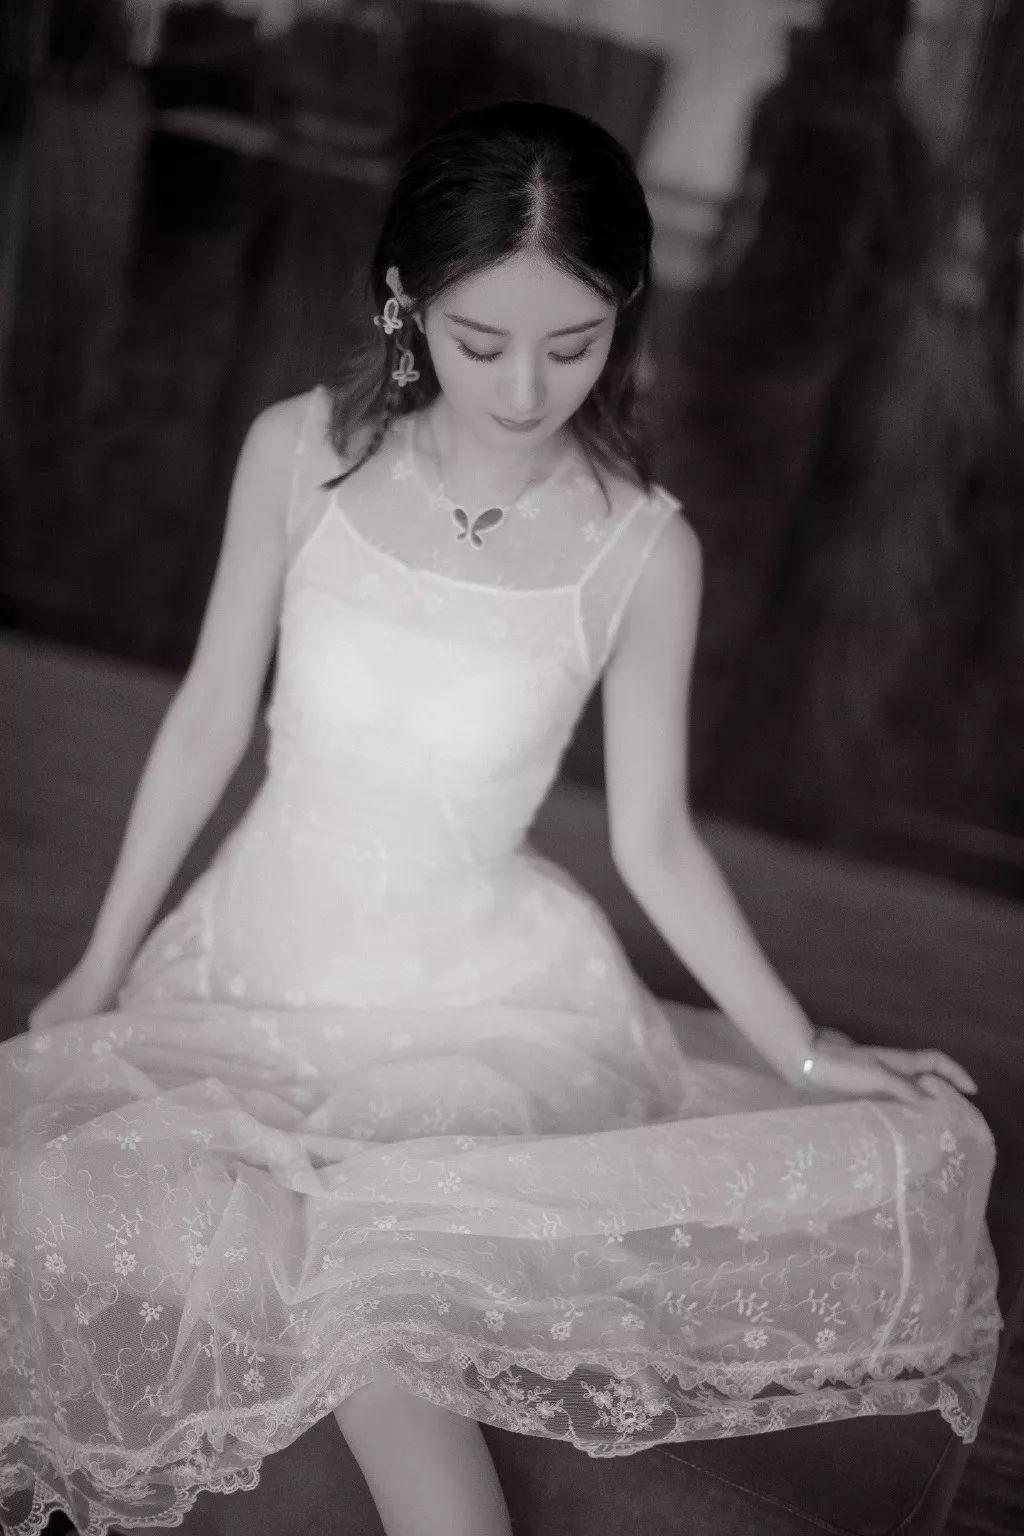 赵丽颖半遮半露玩性感,却和女主持撞白裙,最后凭借一个细节完胜